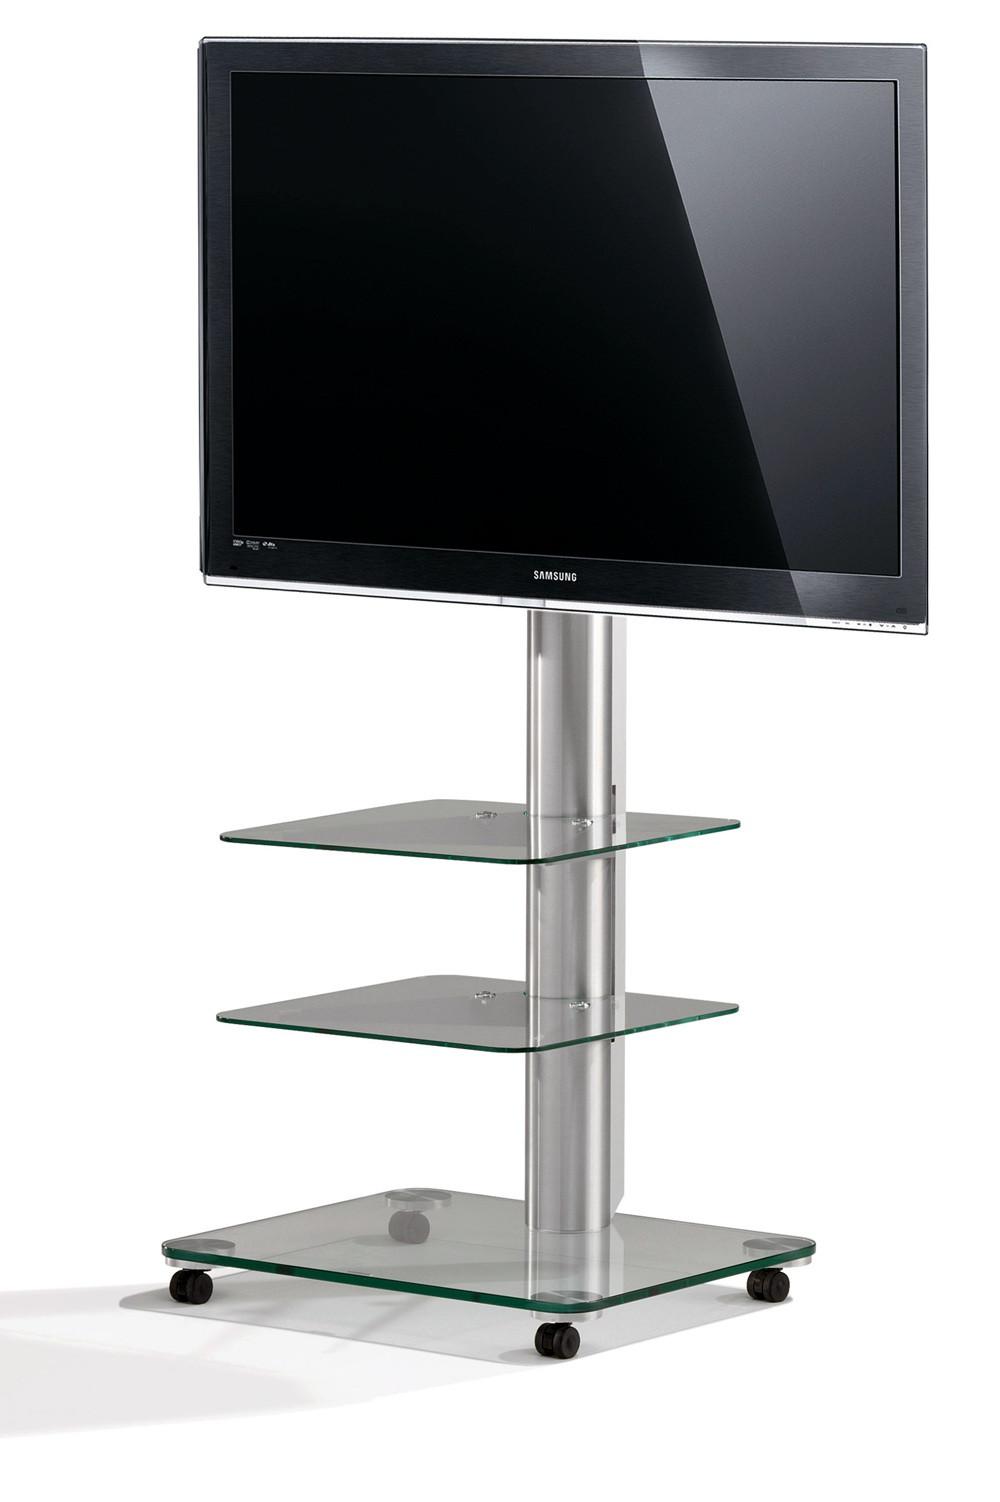 spectral qx1010 m bel. Black Bedroom Furniture Sets. Home Design Ideas